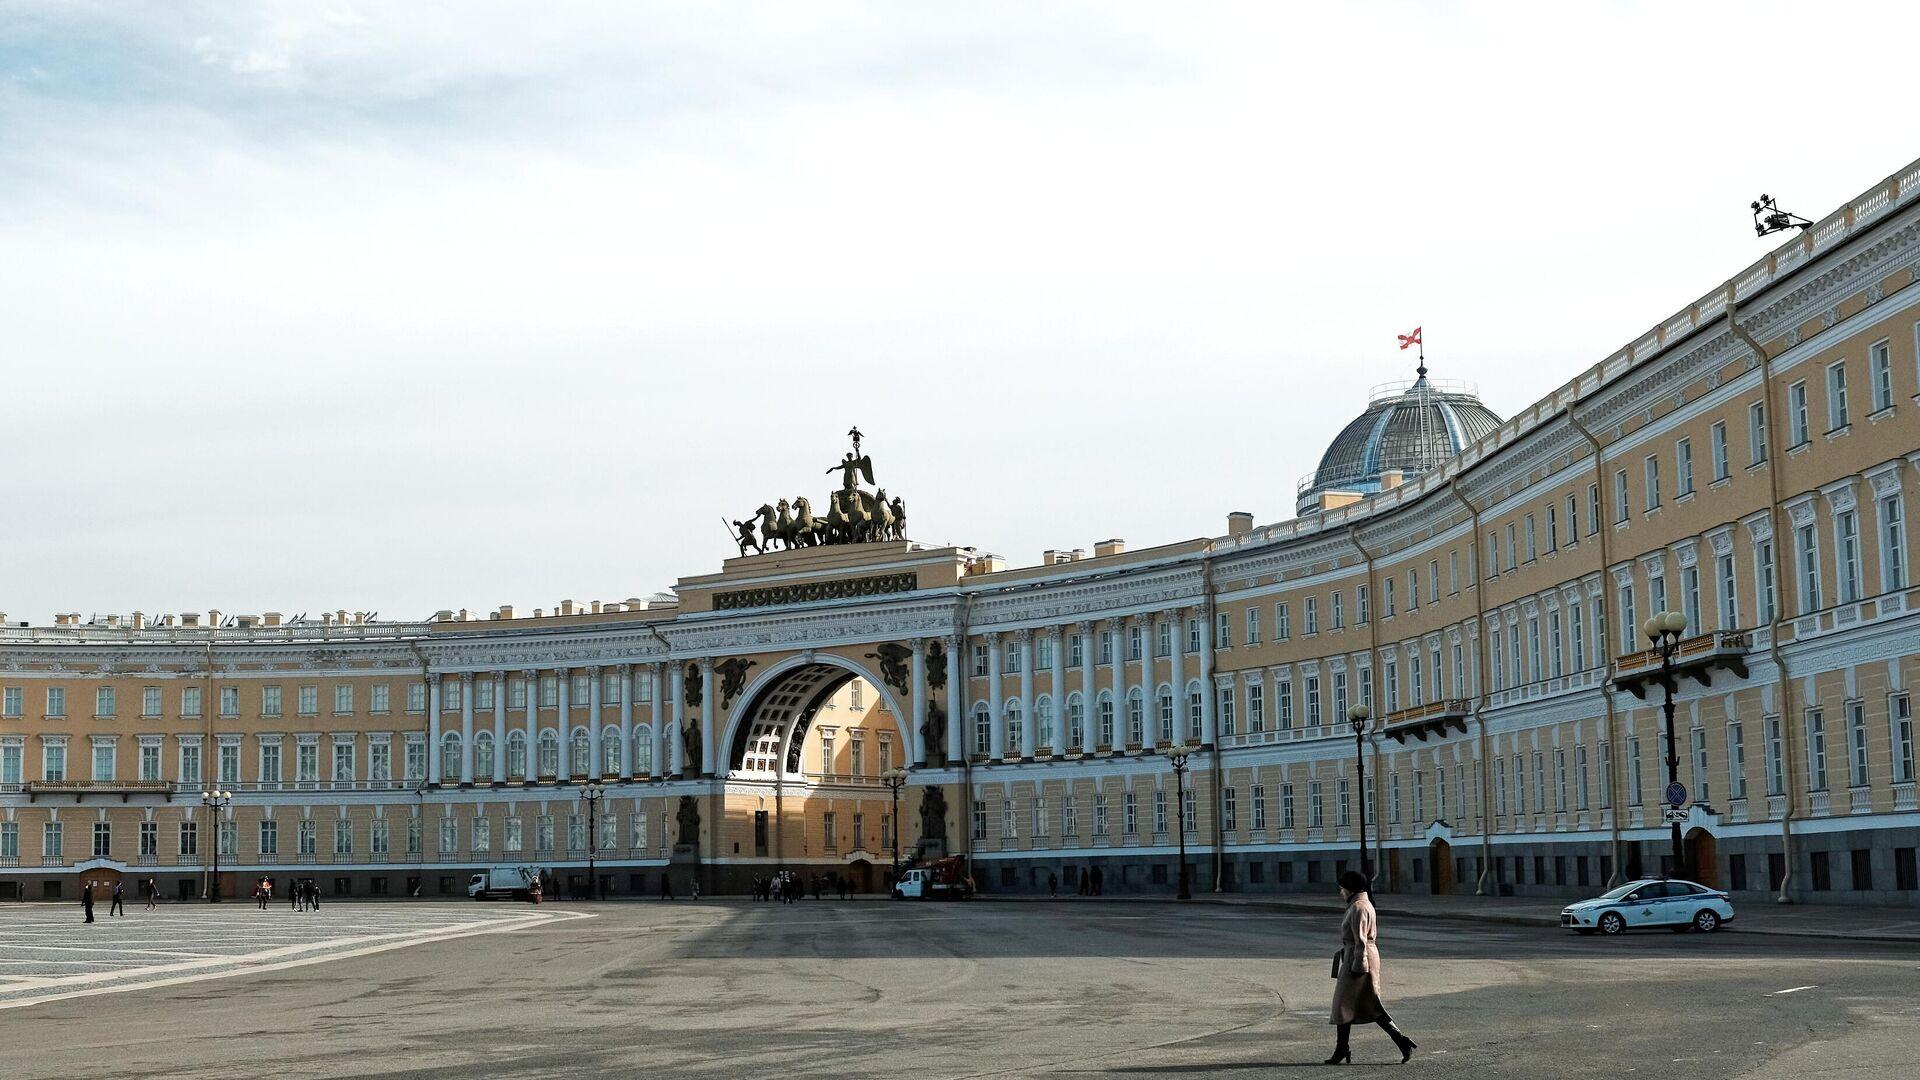 Дворцовая площадь в Санкт-Петербурге - РИА Новости, 1920, 07.02.2021